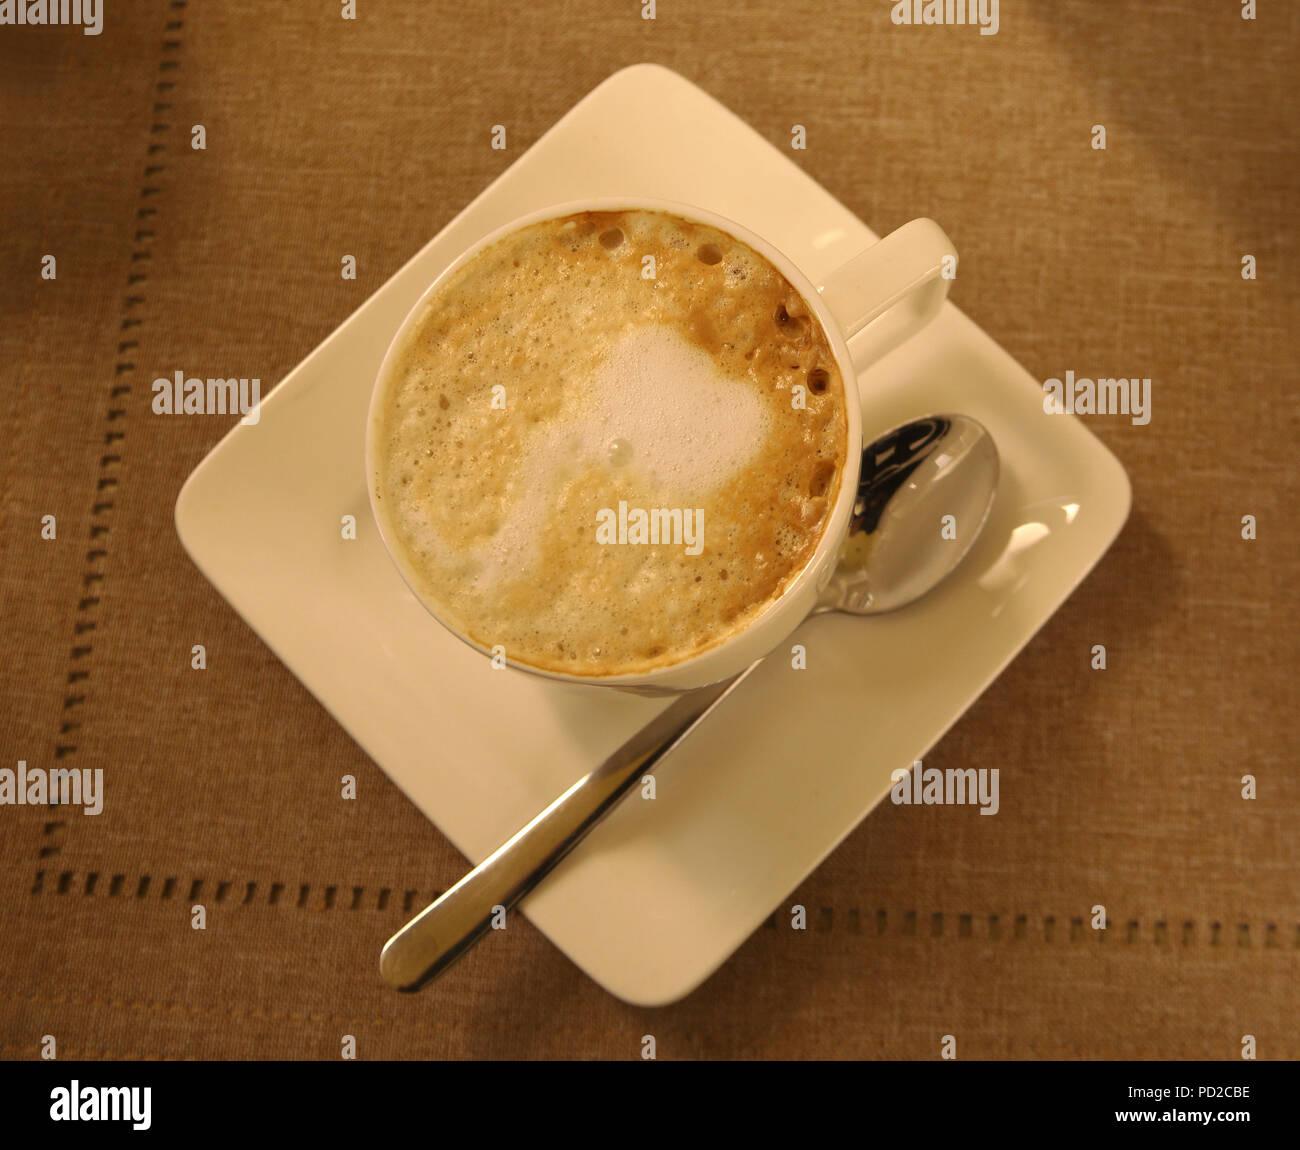 Une tasse de cappuccino sur un lin marron beige. Cafe, pause-café, coffeeshop, petit déjeuner, restaurant, menu, gros plan, mise à plat. Ambiance rétro nostalgique. Photo Stock